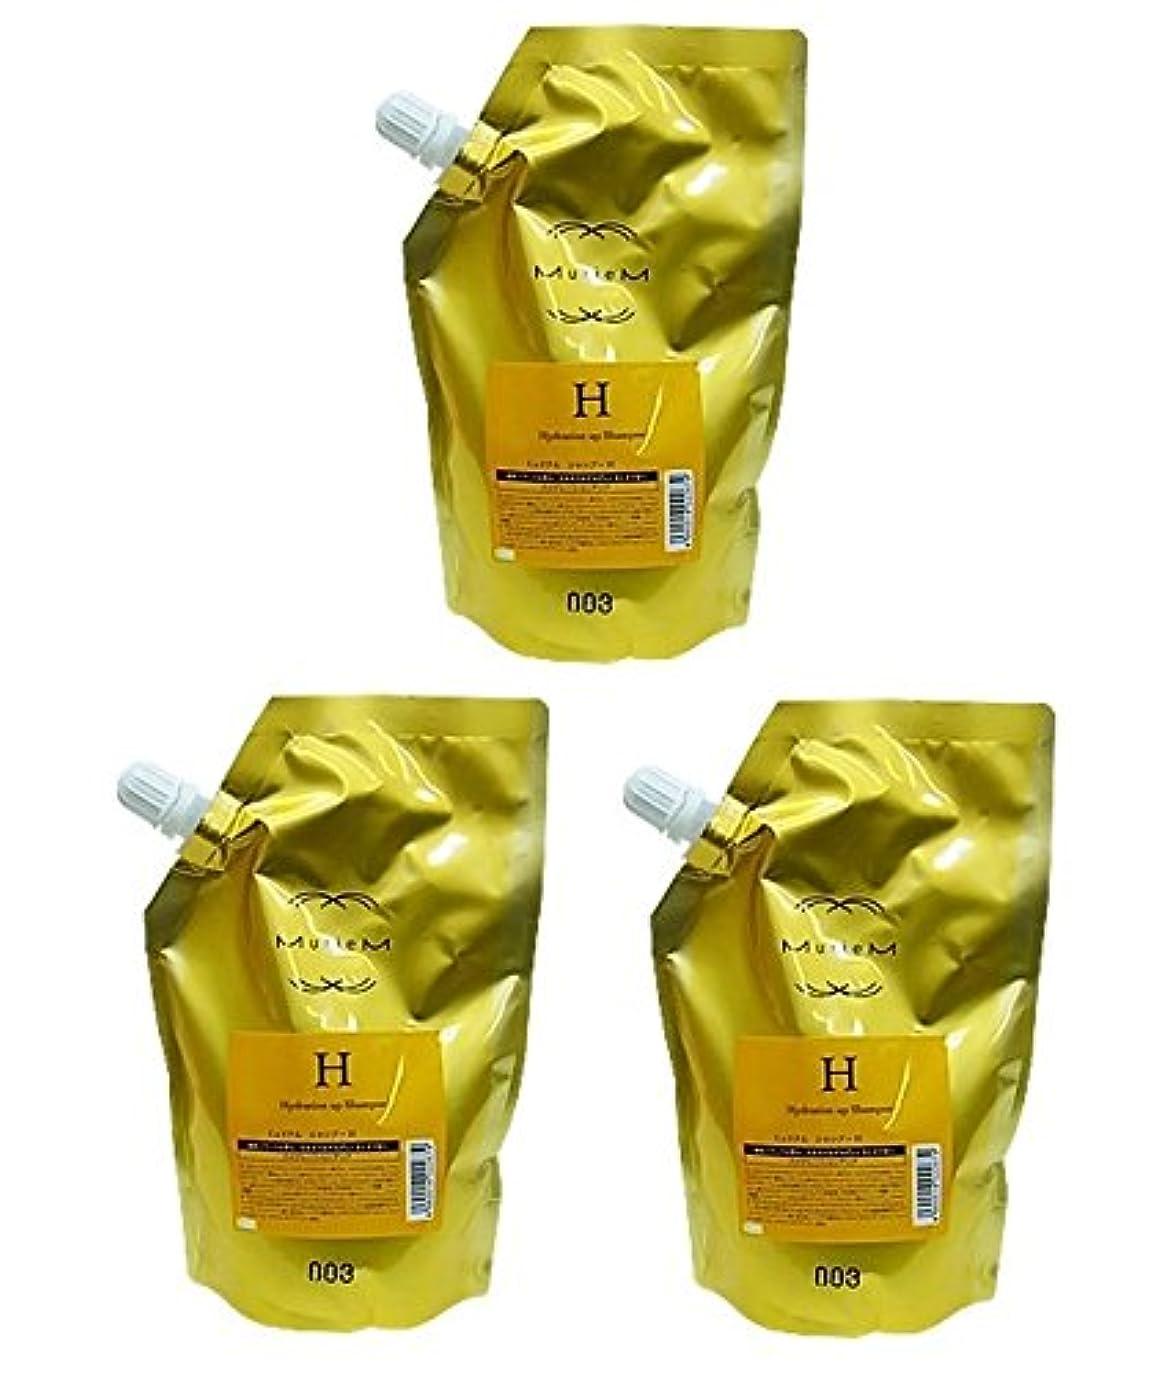 頬骨スチュワード大使【X3個セット】 ナンバースリー ミュリアム ゴールド シャンプー H 500ml 詰替え用